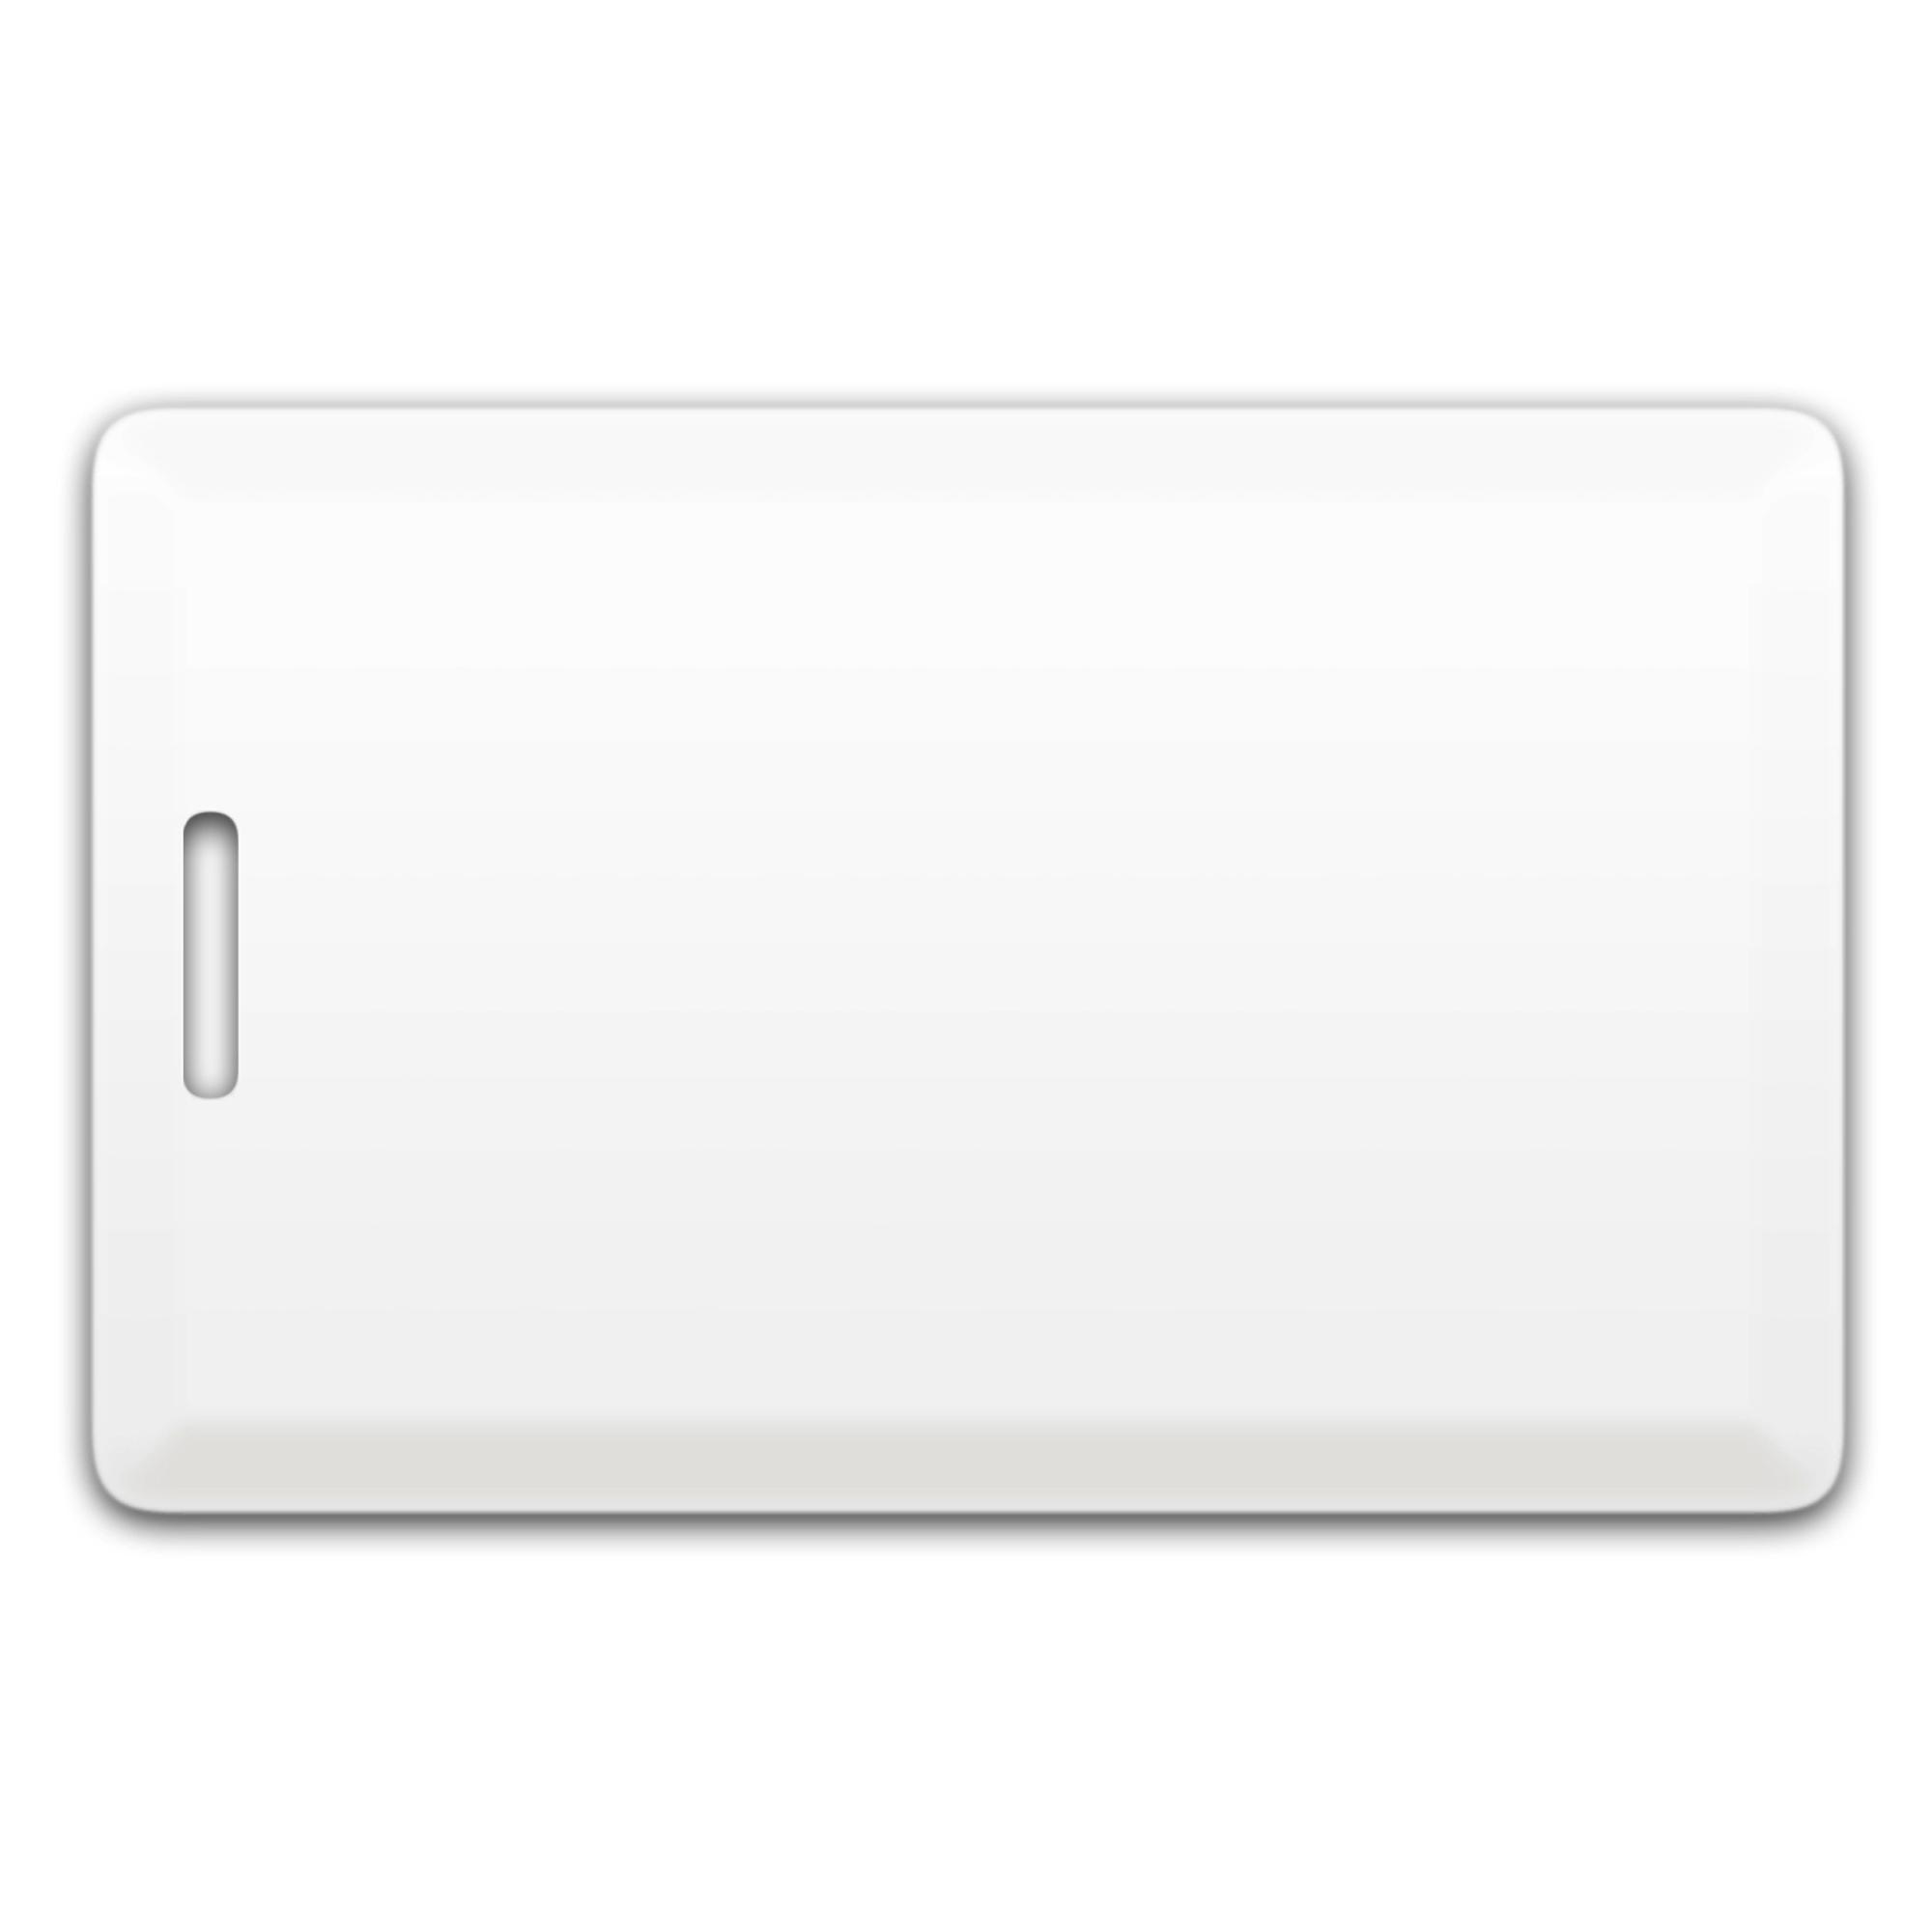 Chip-UA | Бесконтактная пластиковая карта (толстая) с прорезью с чипом Em-Marine Clamshell